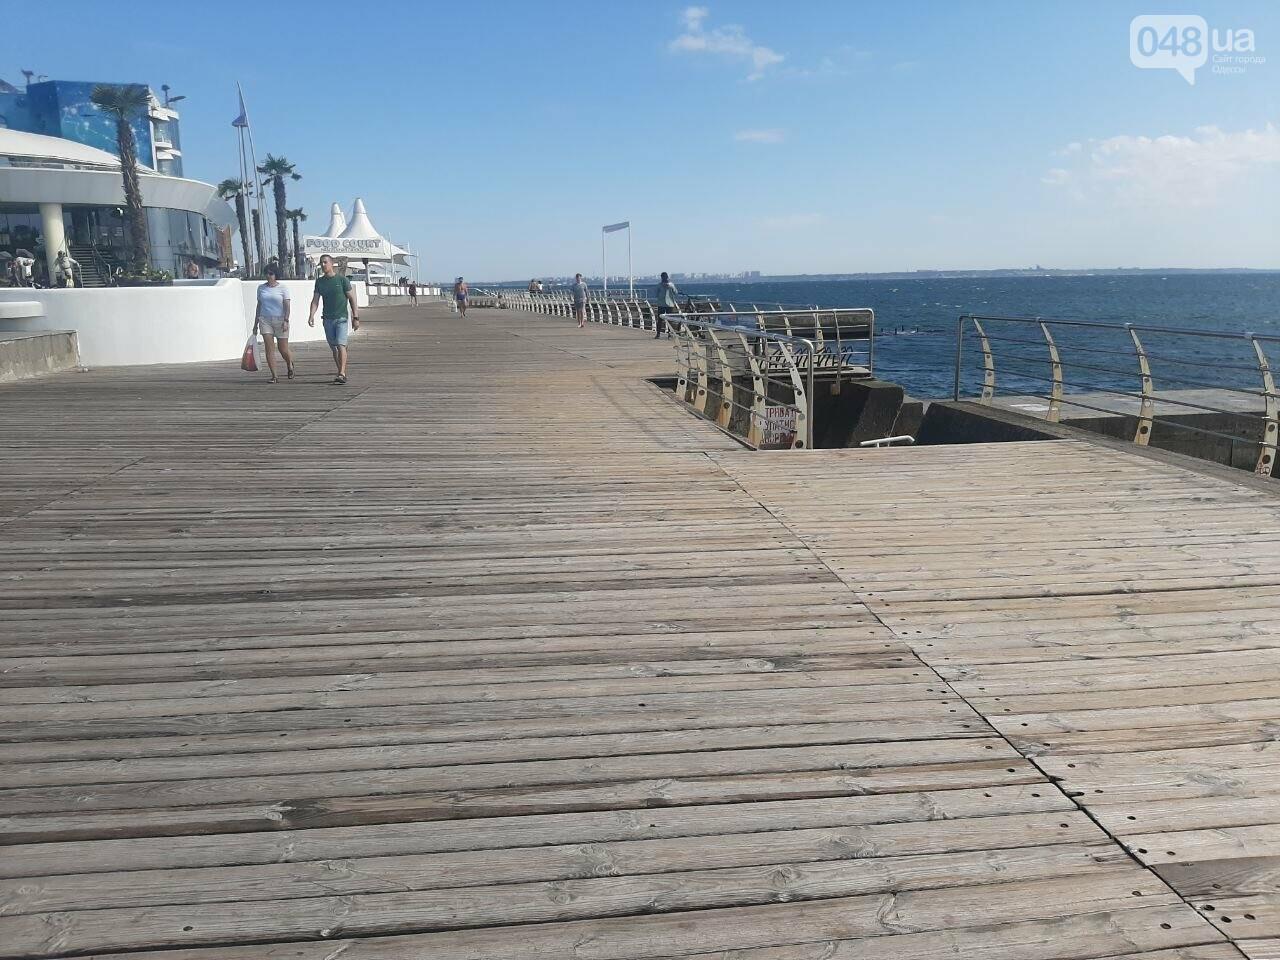 Как выглядит пляж Ланжерон в Одессе после ливня, - ФОТО, ВИДЕО, фото-9